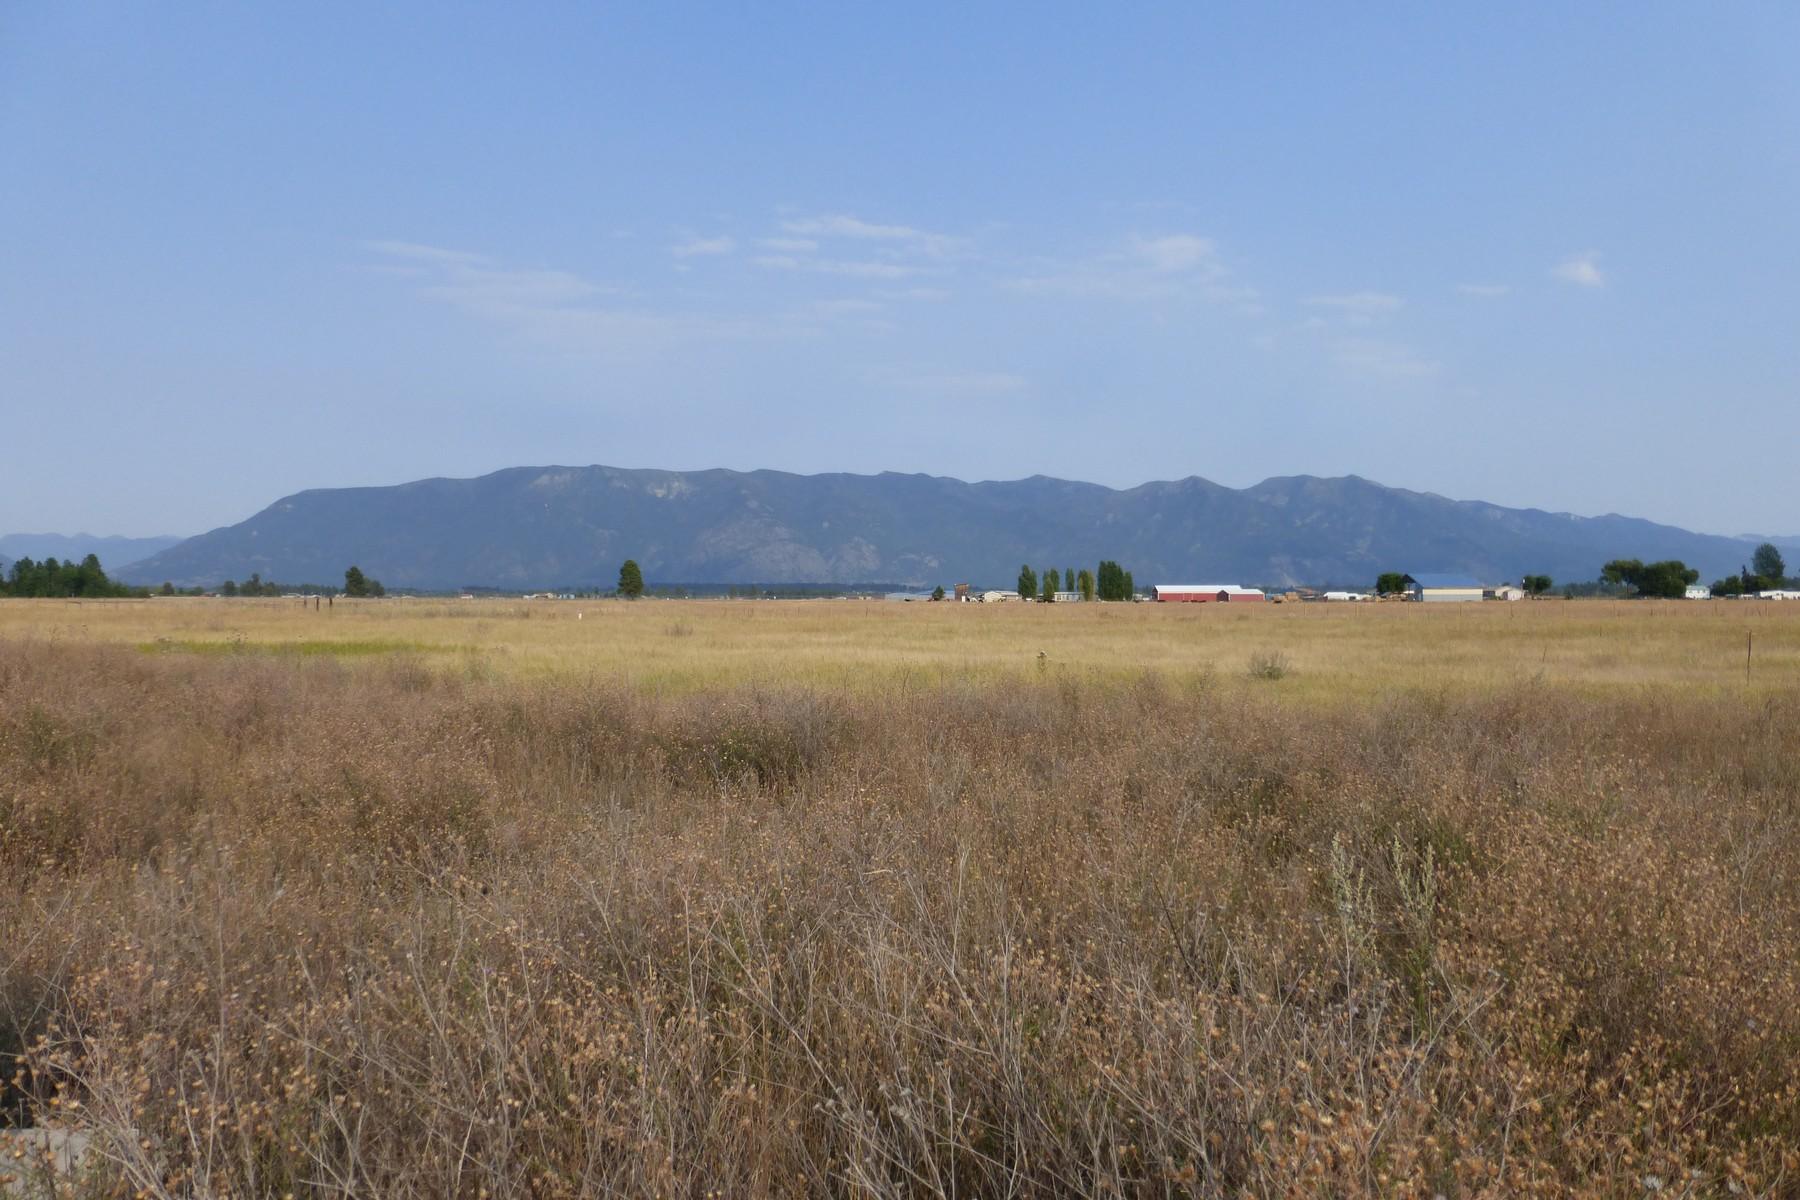 Đất đai vì Bán tại Nhn Olympia Way , Kalispell, MT 59901 Nhn Olympia Way Kalispell, Montana, 59901 Hoa Kỳ